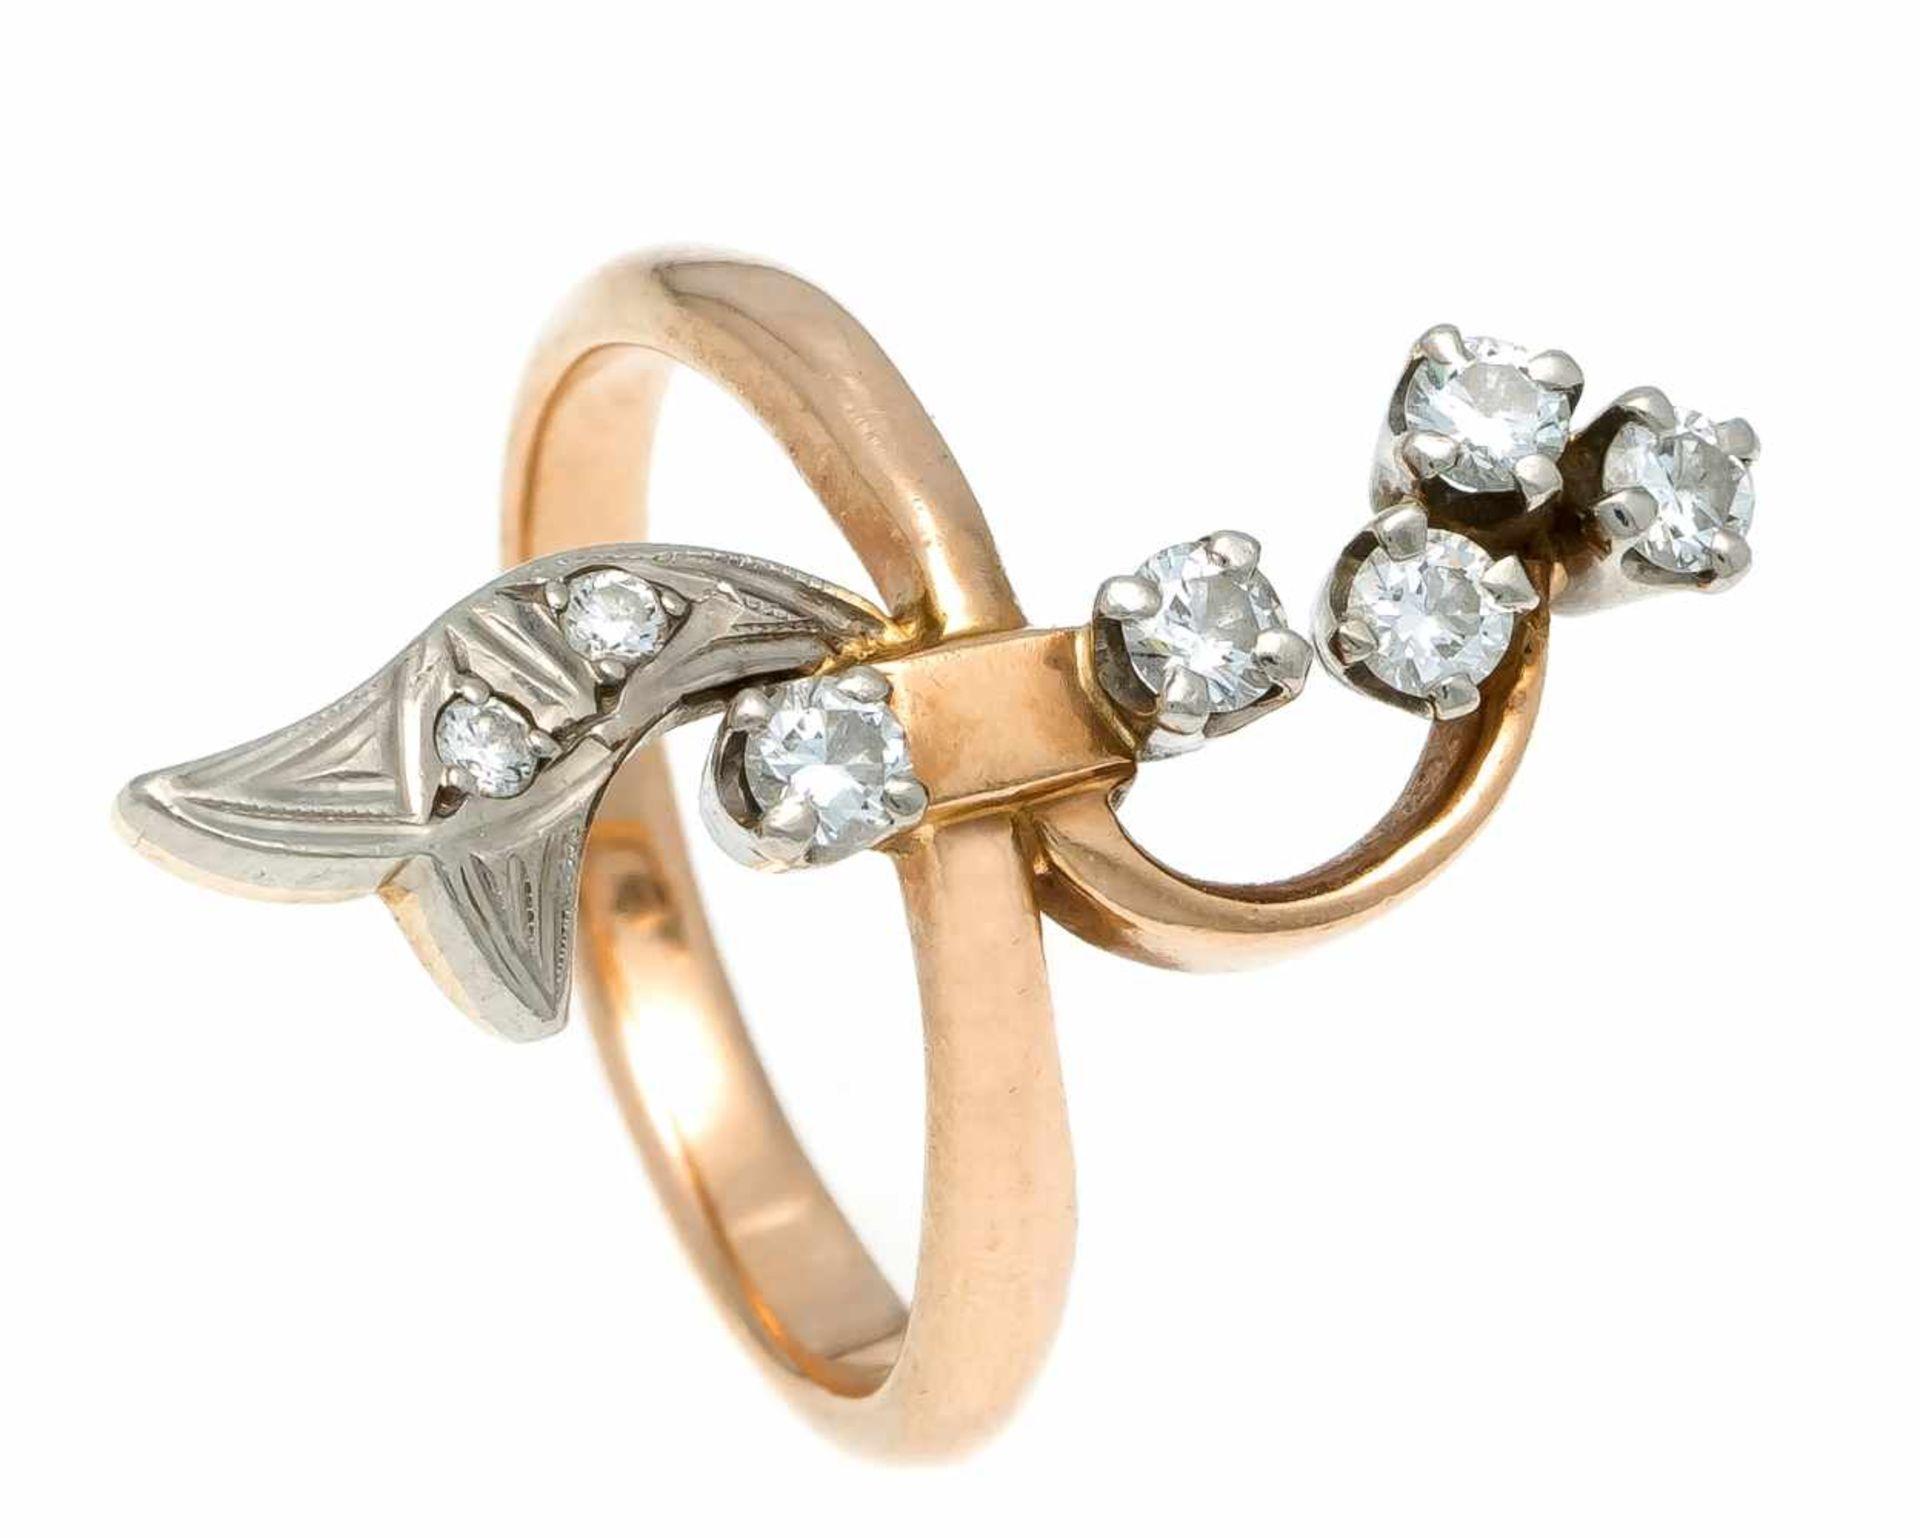 Russischer Brillant-Ring RG 583/000 mit 7 Brillanten, zus. 0,40 ct l.getW/VS-SI, RG 53, 5,4 gRussian